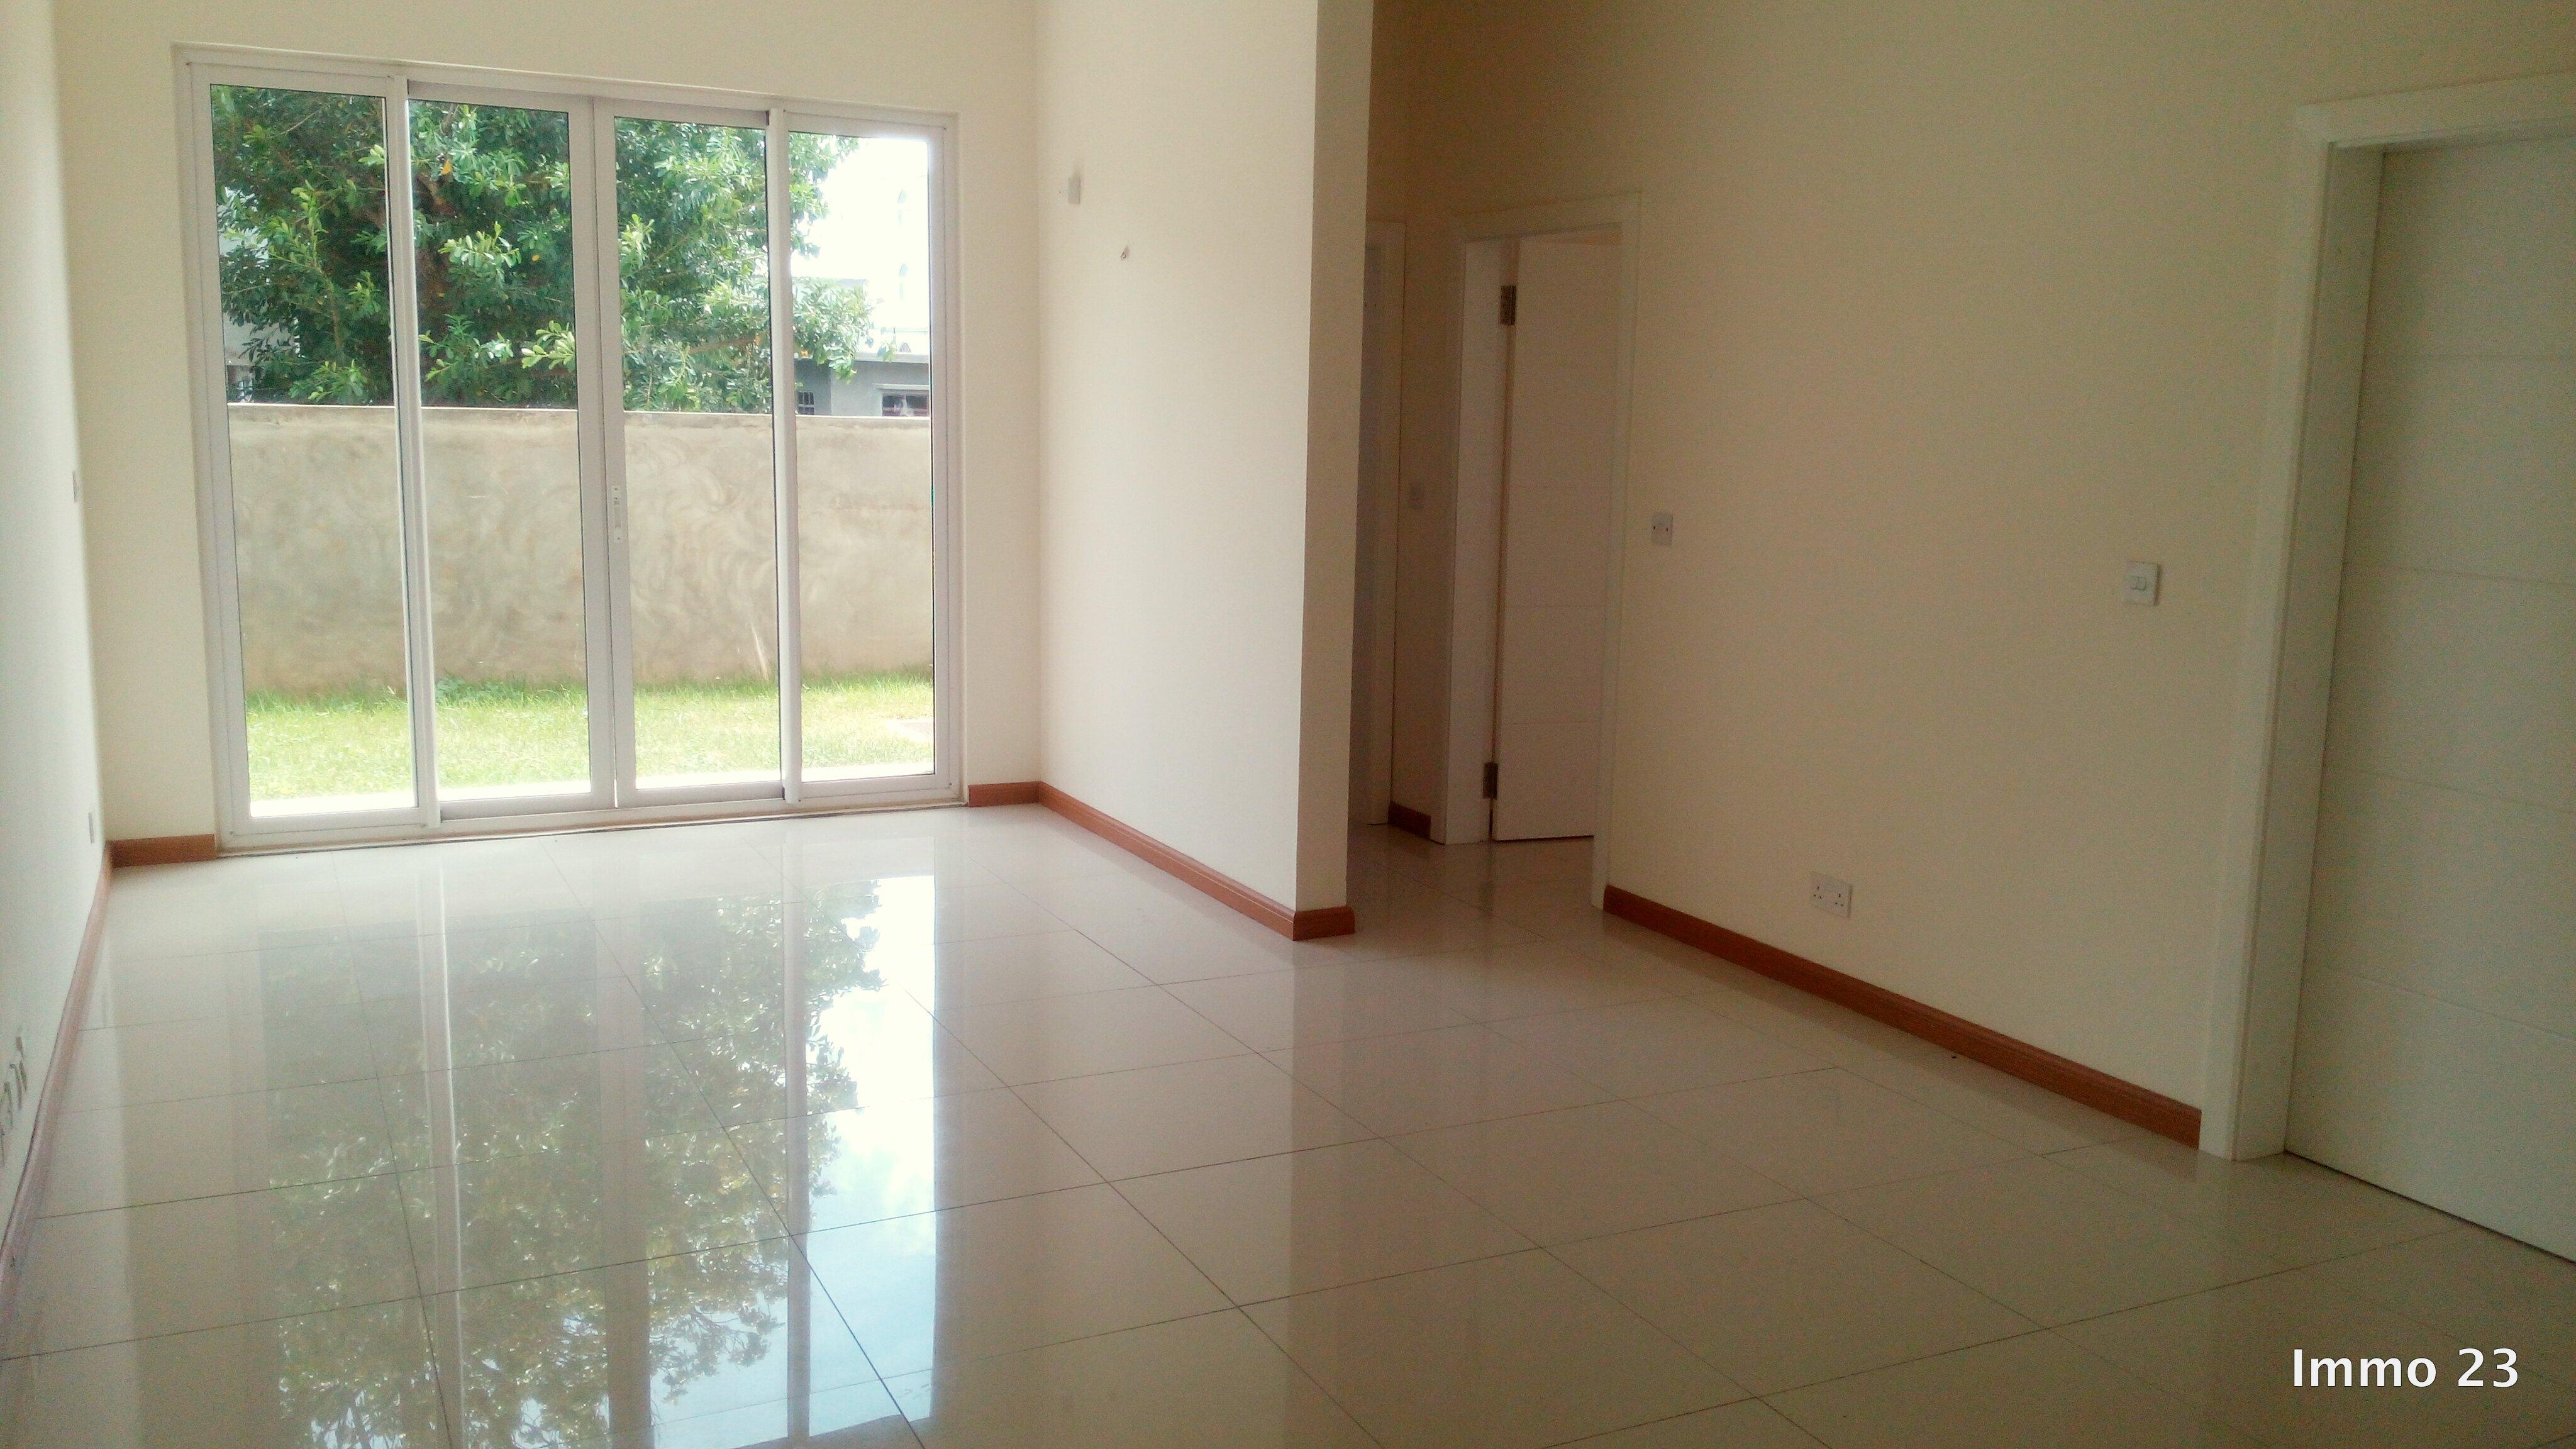 deux appartement au rez de chauss e immobilier 23. Black Bedroom Furniture Sets. Home Design Ideas